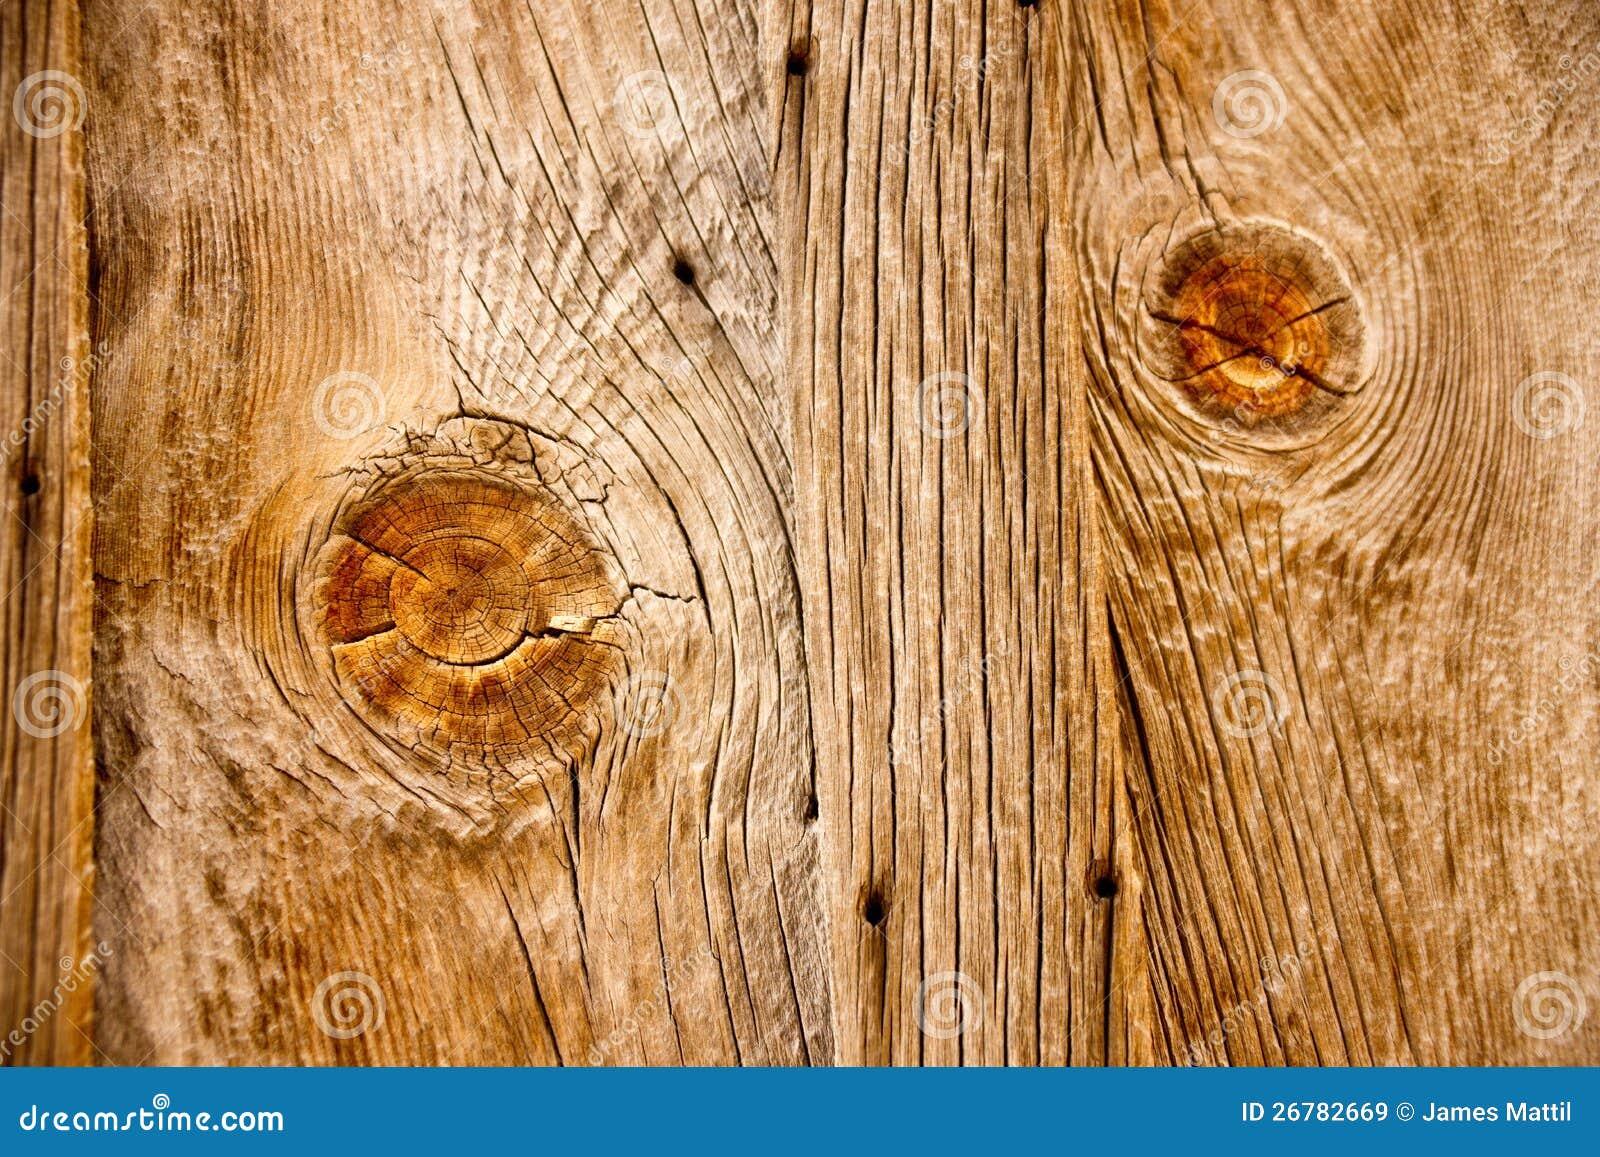 Texturas de madera r sticas im genes de archivo libres de regal as imagen 26782669 - Cosas de madera rusticas ...